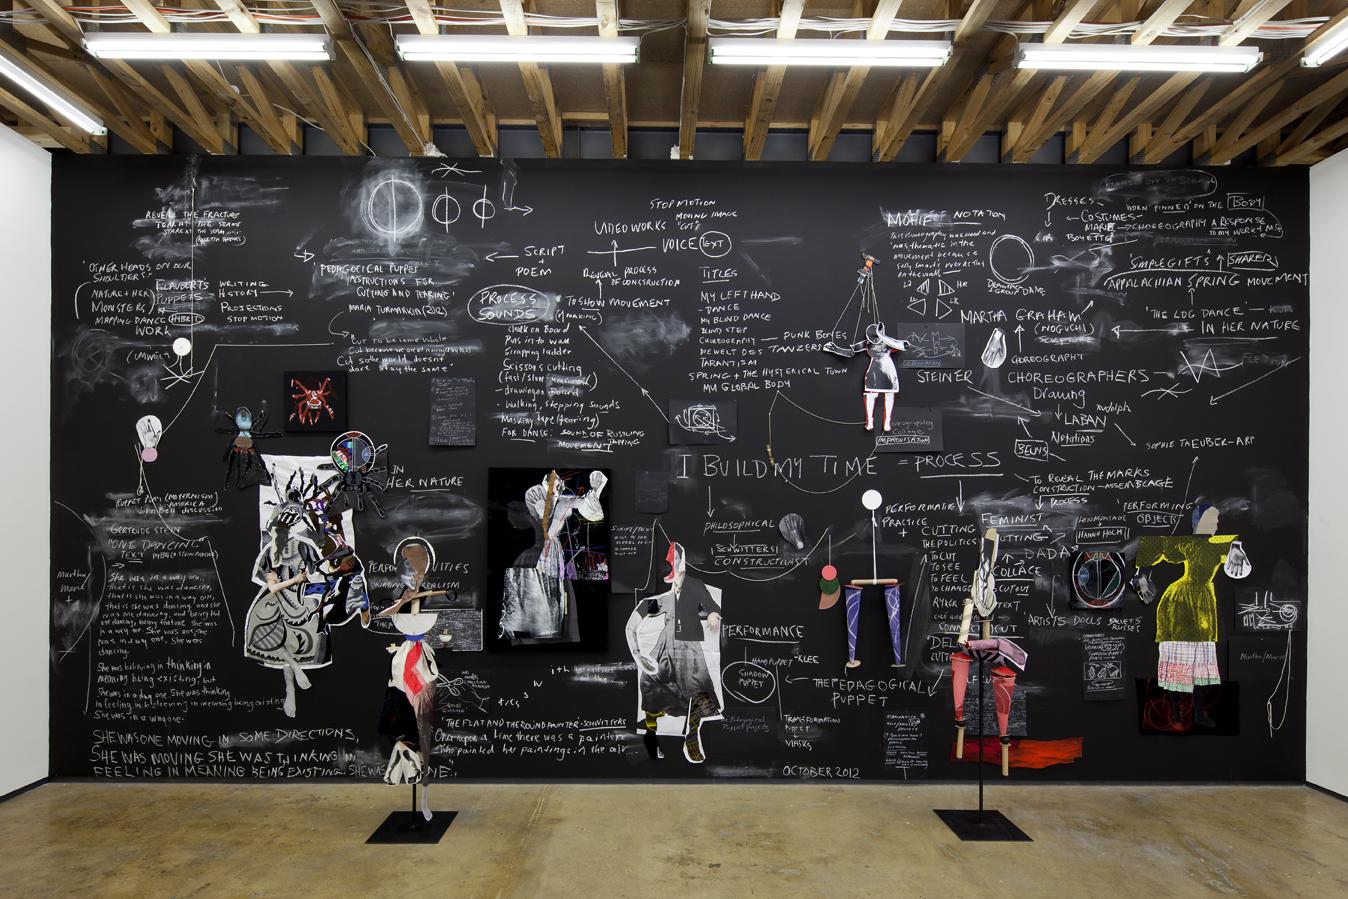 Pittura lavagna e pittura calamita spazio alla creativit arc art blog by daniele drigo - Vernice per muro interno ...